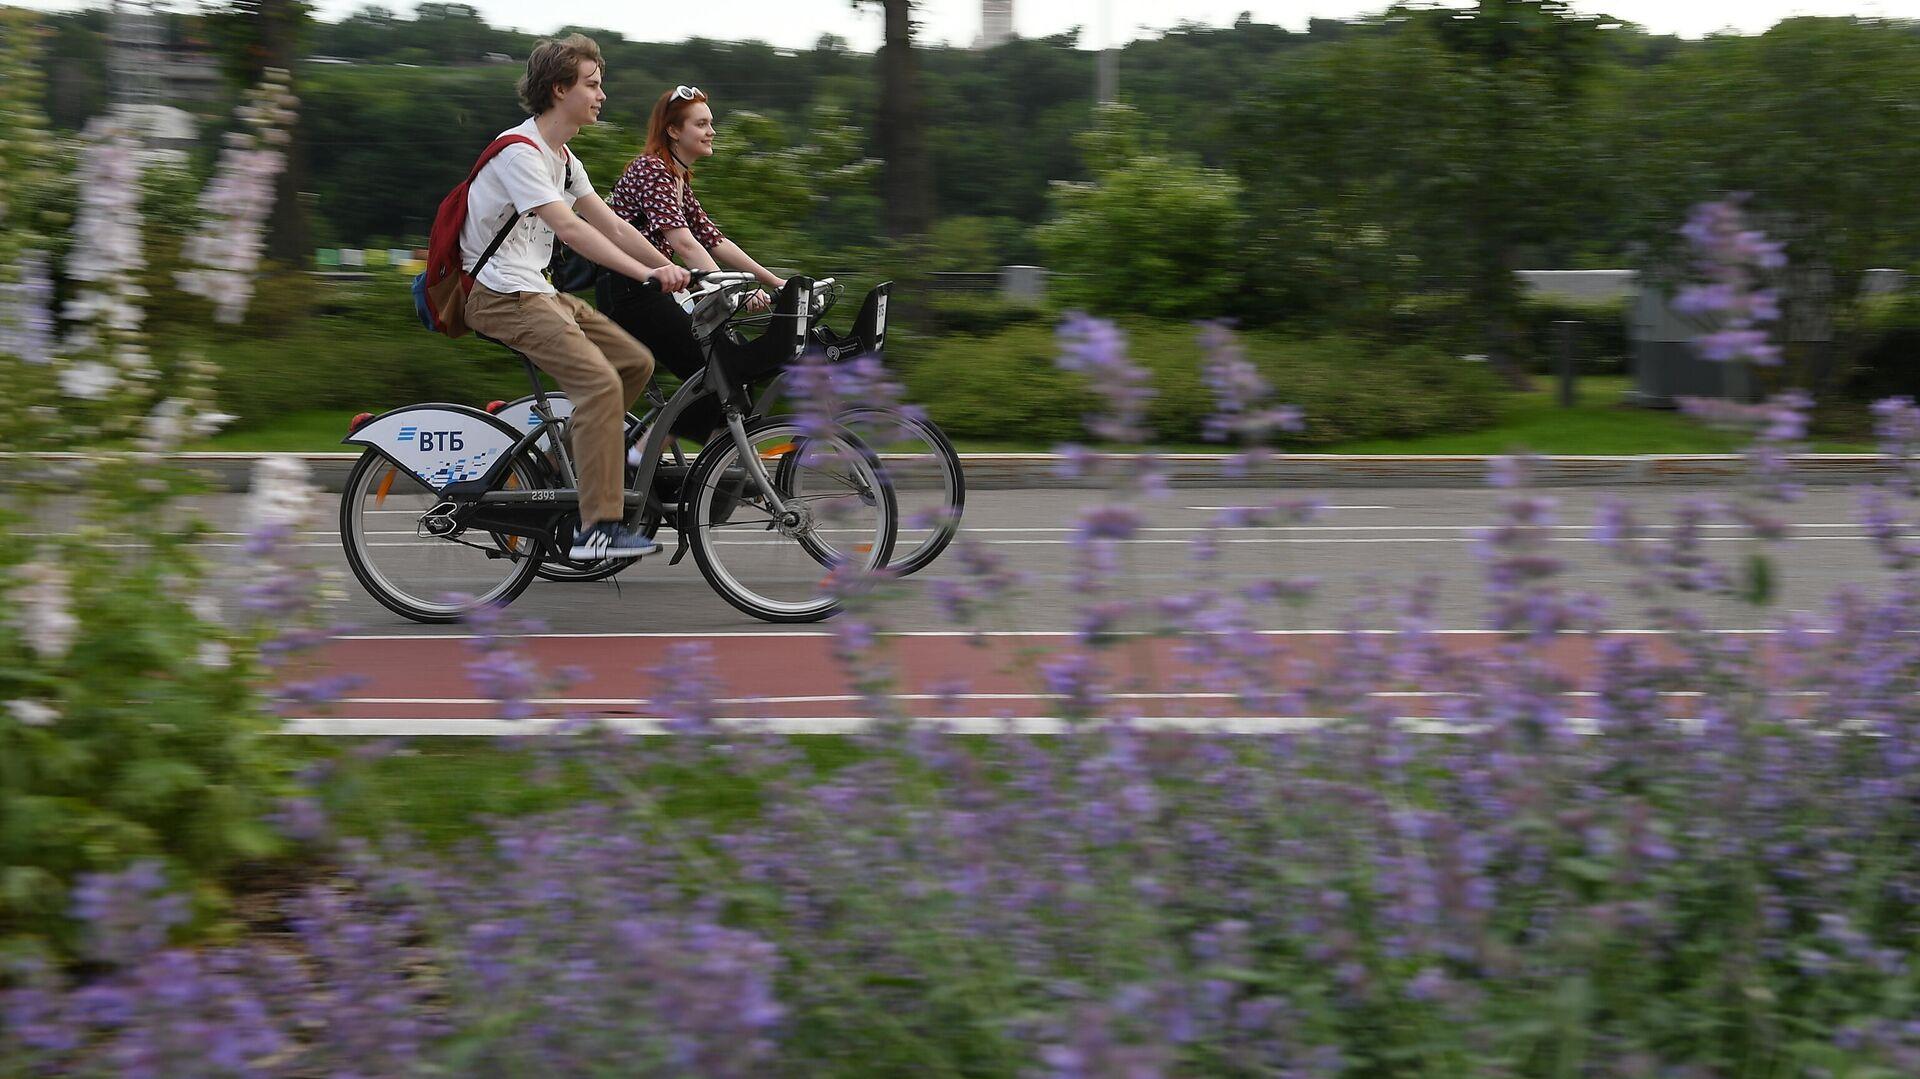 Молодые люди катаются на велосипедах на территории спортивного комплекса Лужники в Москве - РИА Новости, 1920, 23.04.2021